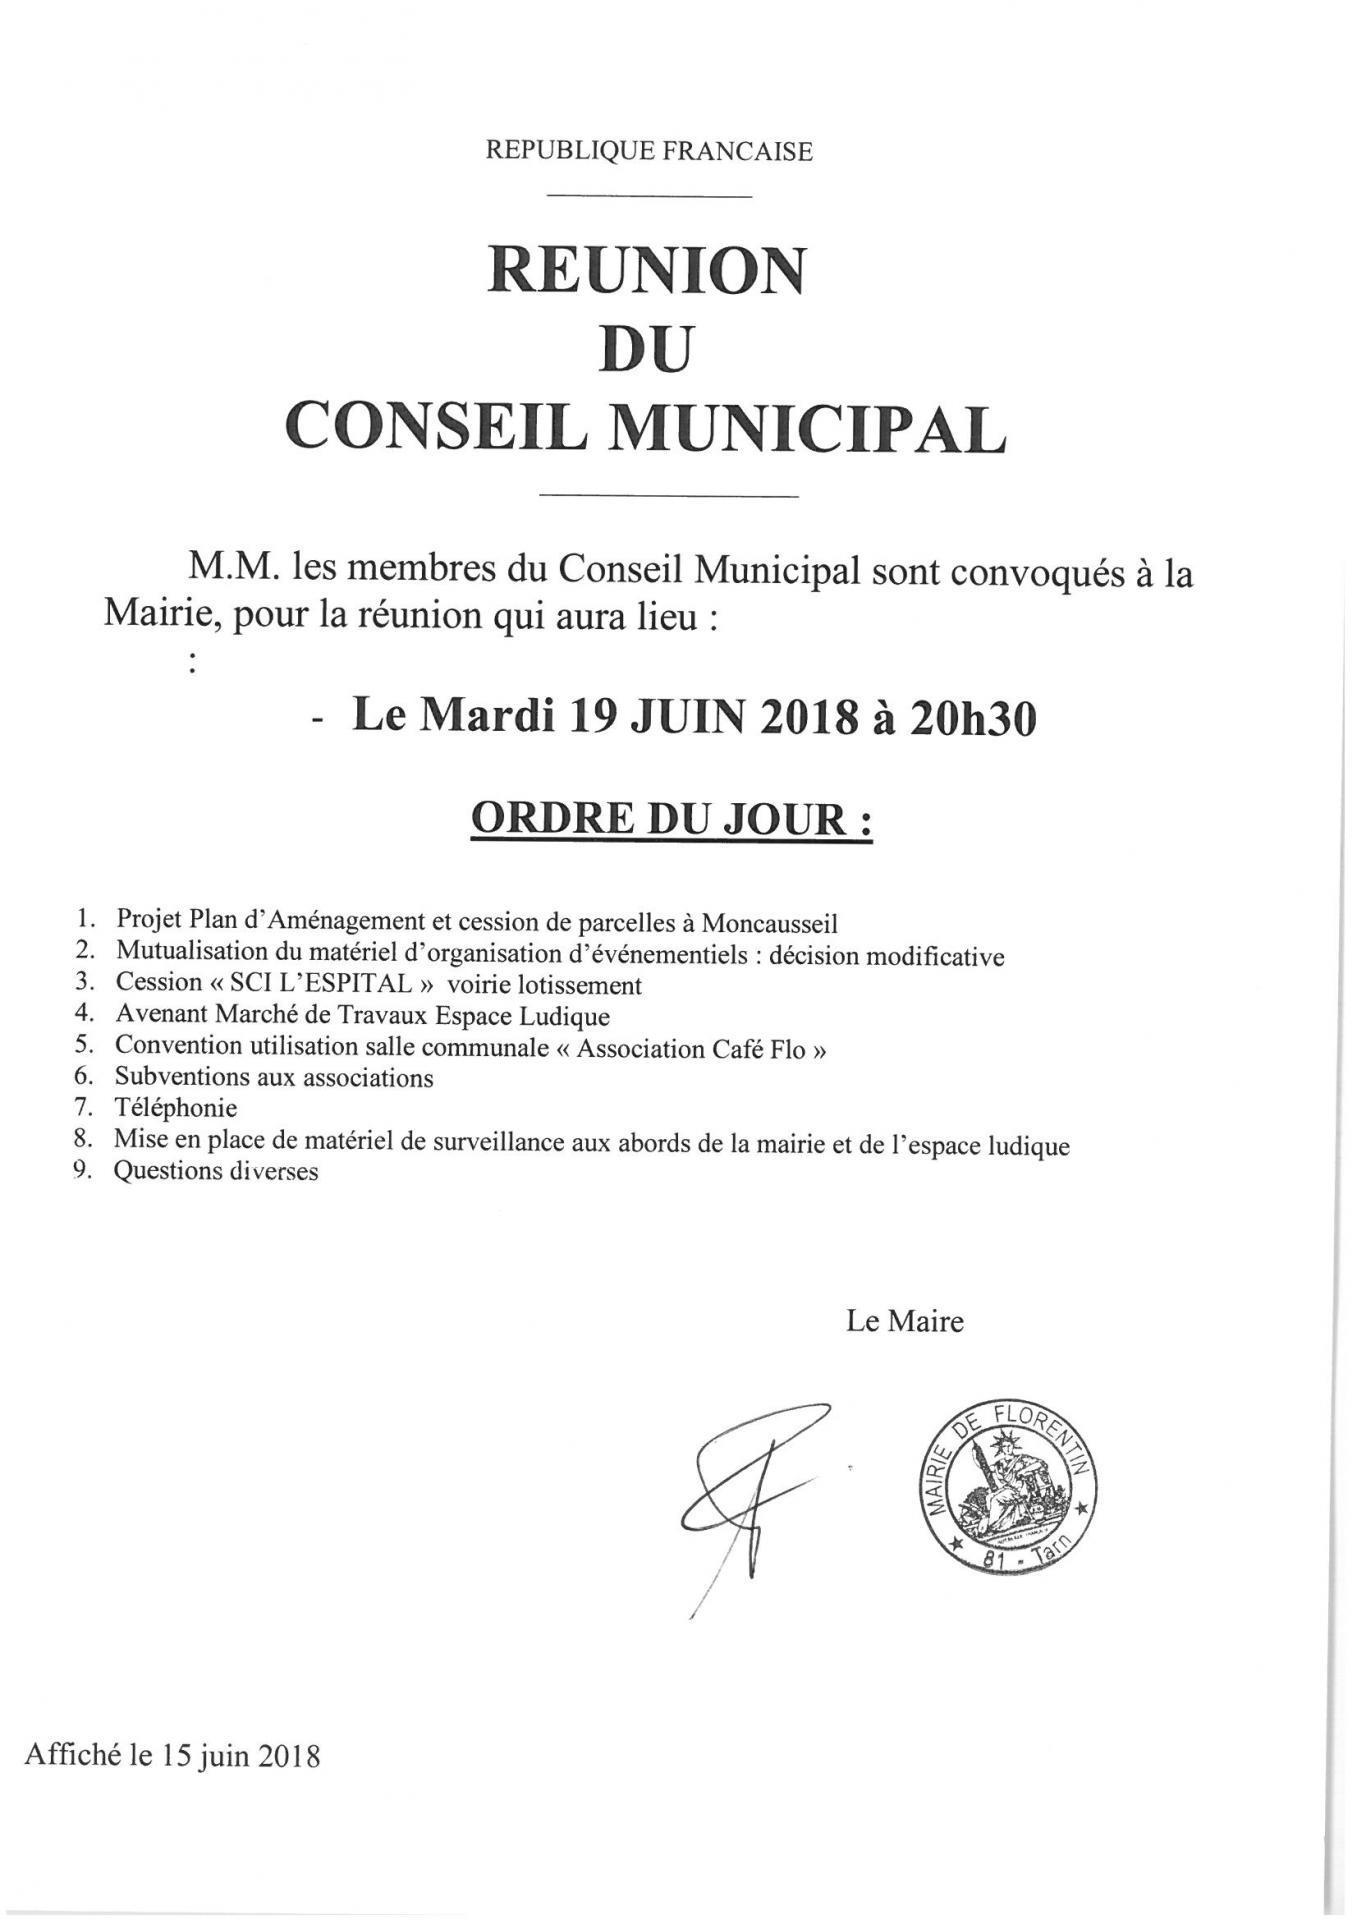 Reunion du conseil municipal 19 06 19